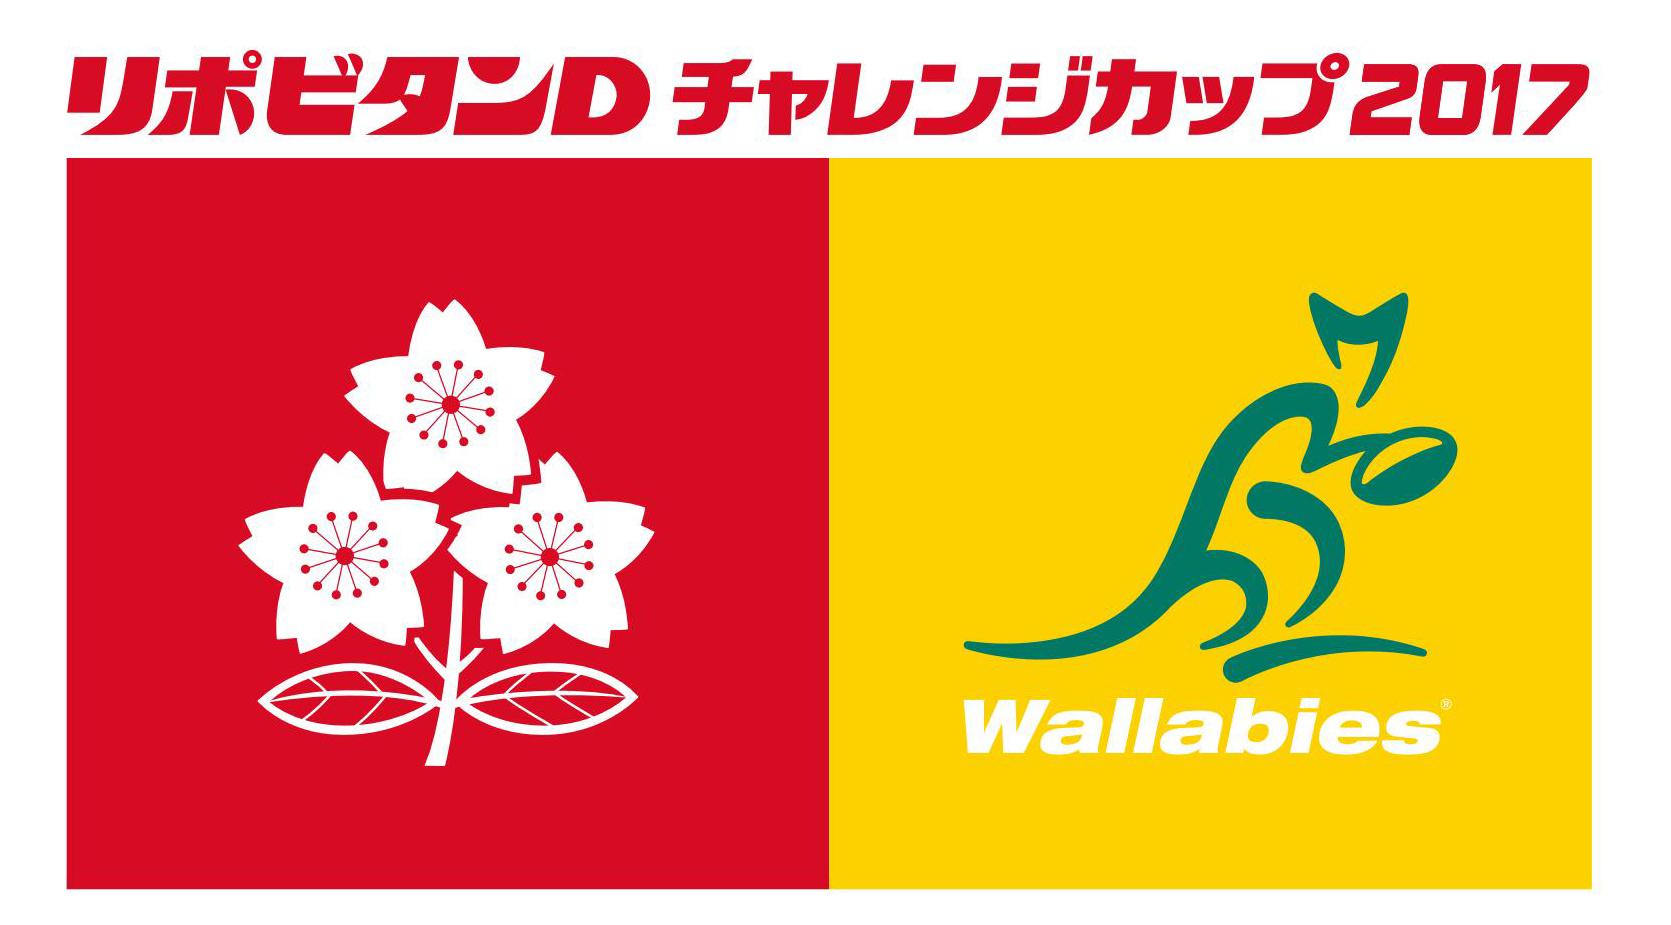 日本代表は10月28日に世界選抜との一戦『ジャパンラグビーチャレンジマッチ2017』を迎える。世界選抜のメンバーには五郎丸歩の名前も